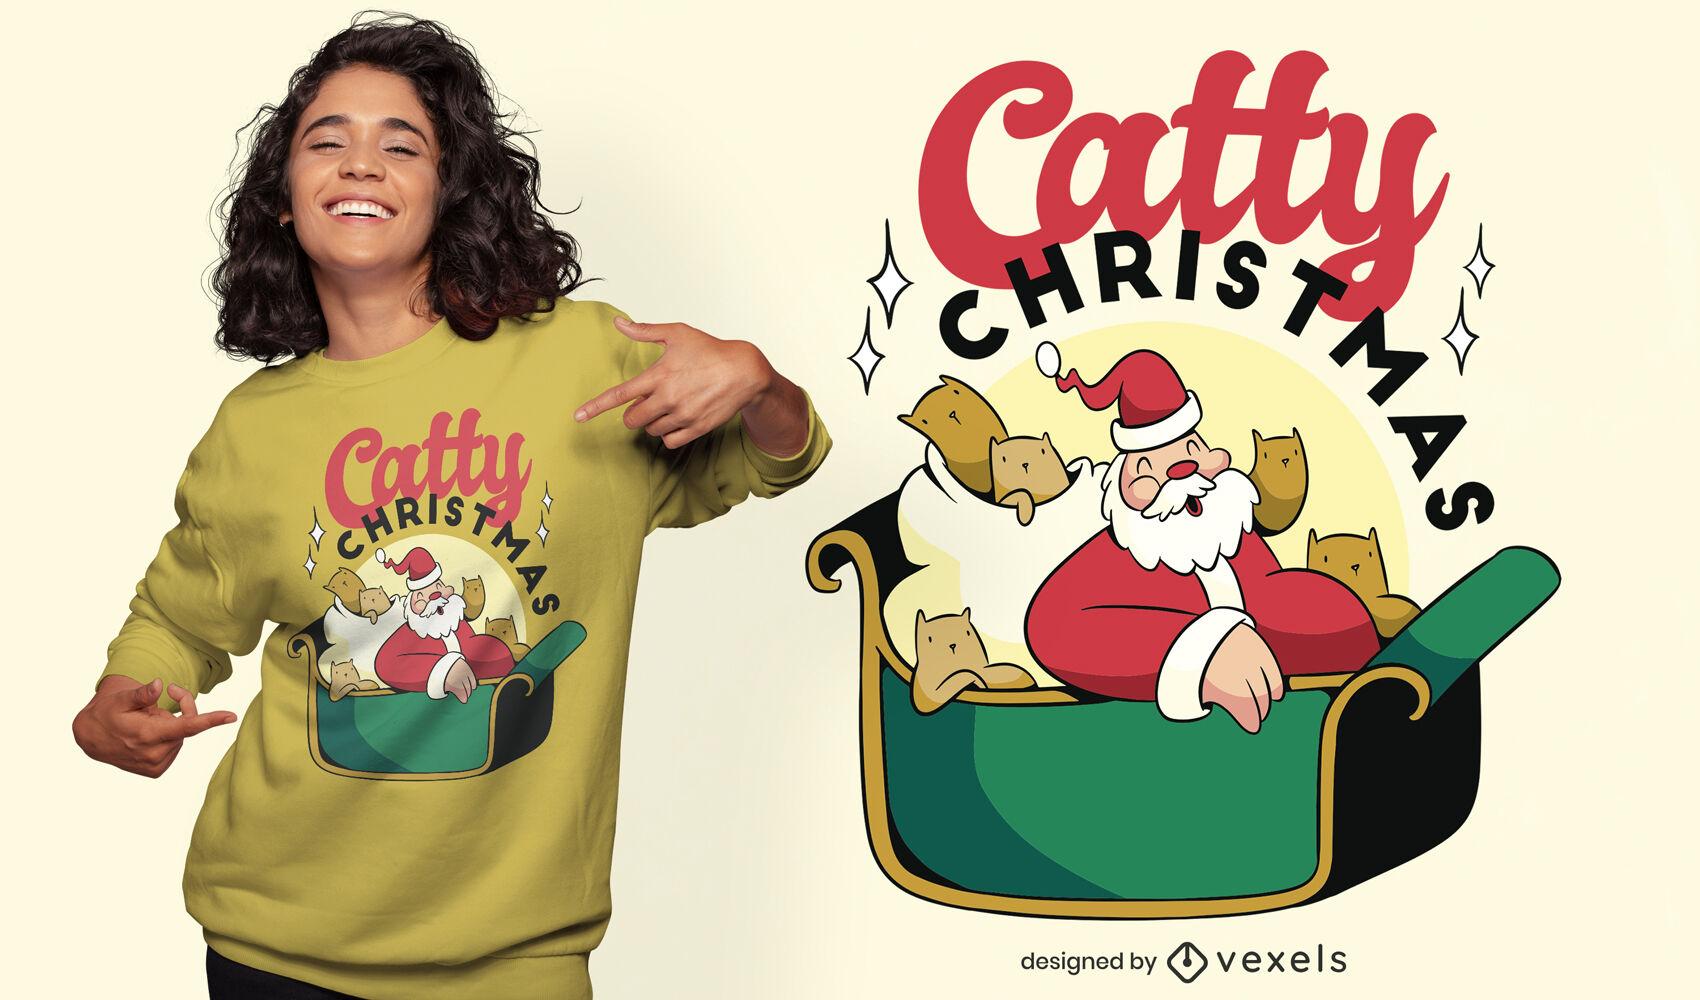 Precioso diseño de camiseta navideña maliciosa.